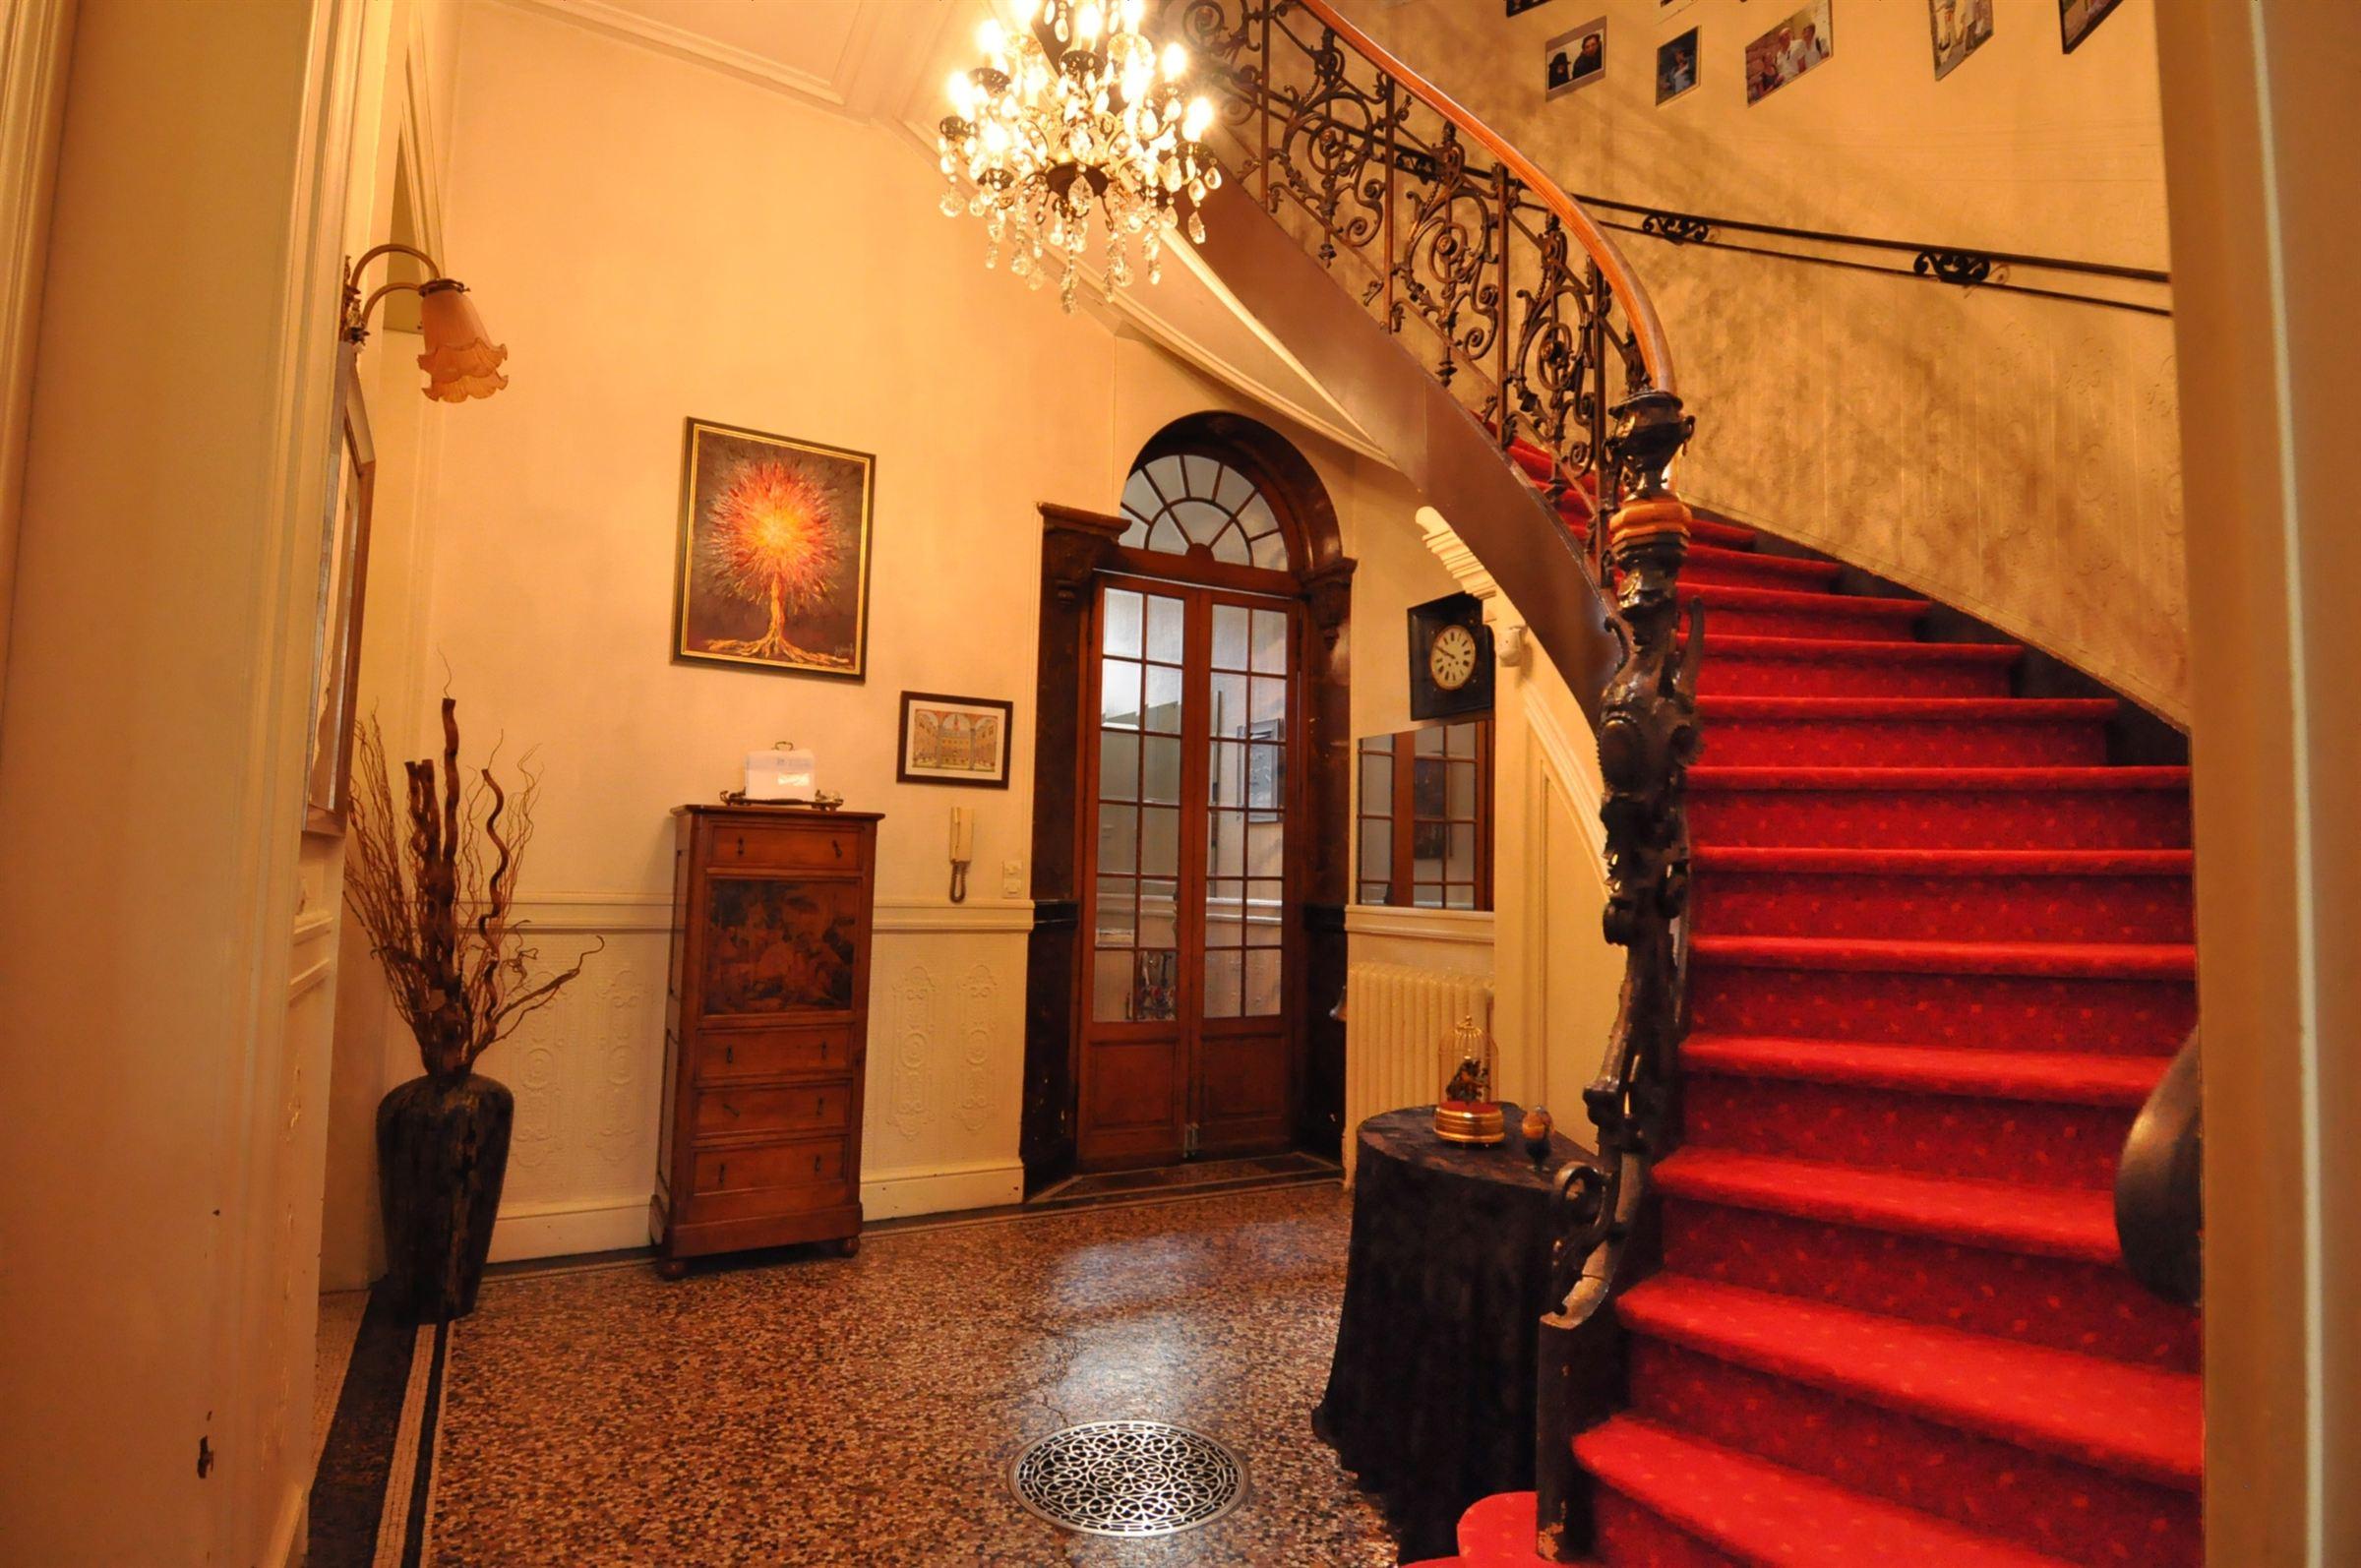 Single Family Home for Sale at Lille near Porte de Paris, Wonderful Family House 408 m2 hab. 9 bedrooms Lille, Nord Pas De Calais 59000 France